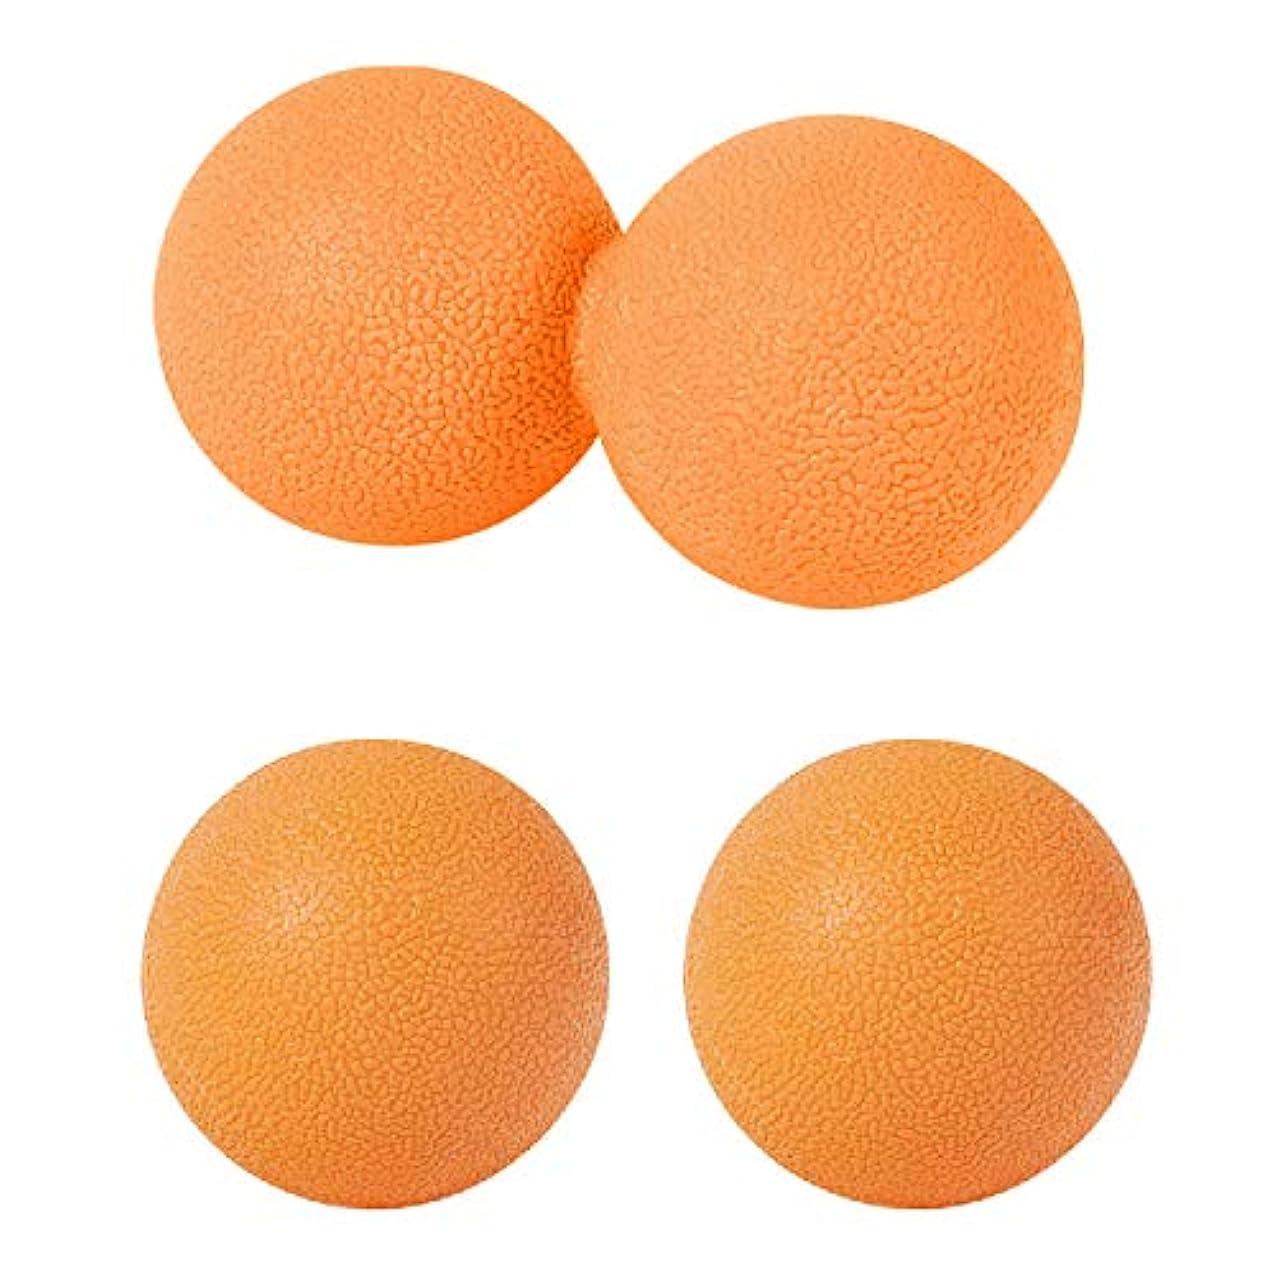 移動巧みな主張するsac taske マッサージボール ストレッチ ピーナッツ ツボ押し トリガーポイント 3個セット (オレンジ)